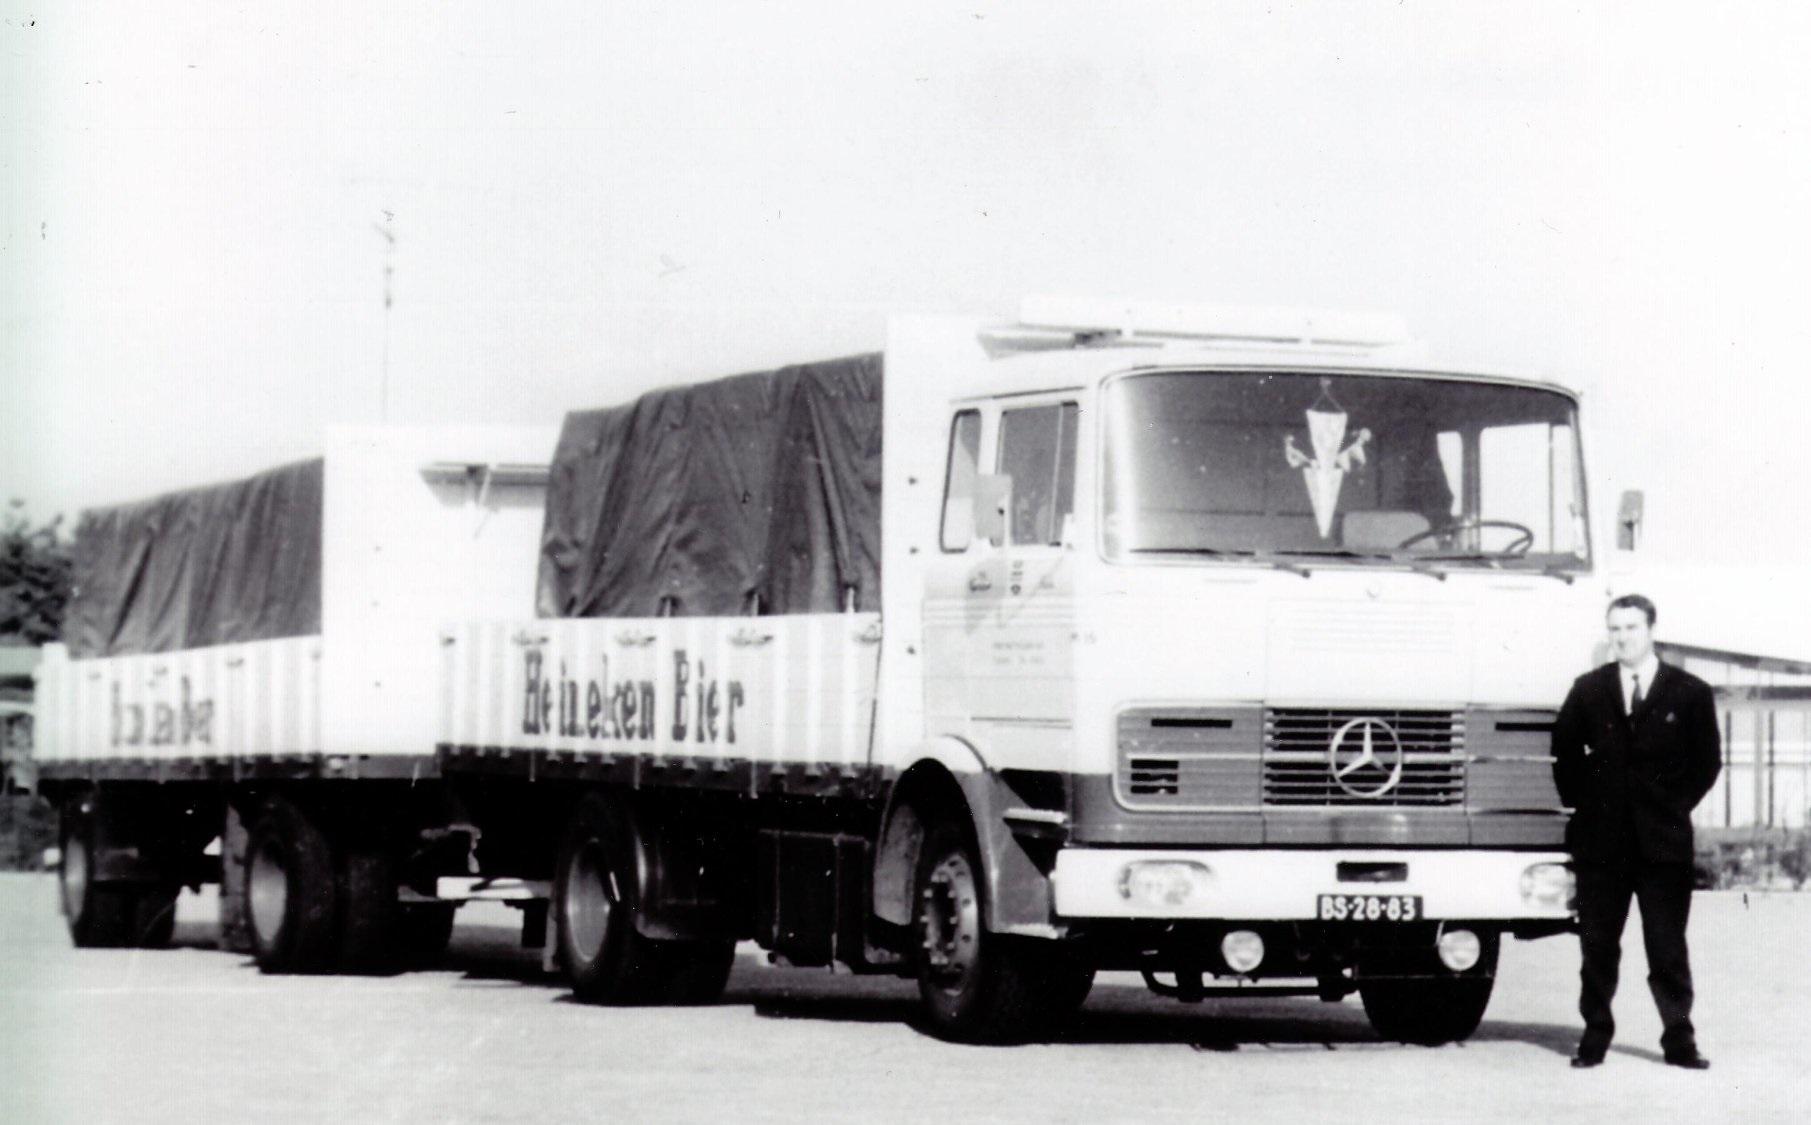 MB-1418-Mathijsen-Tilburg